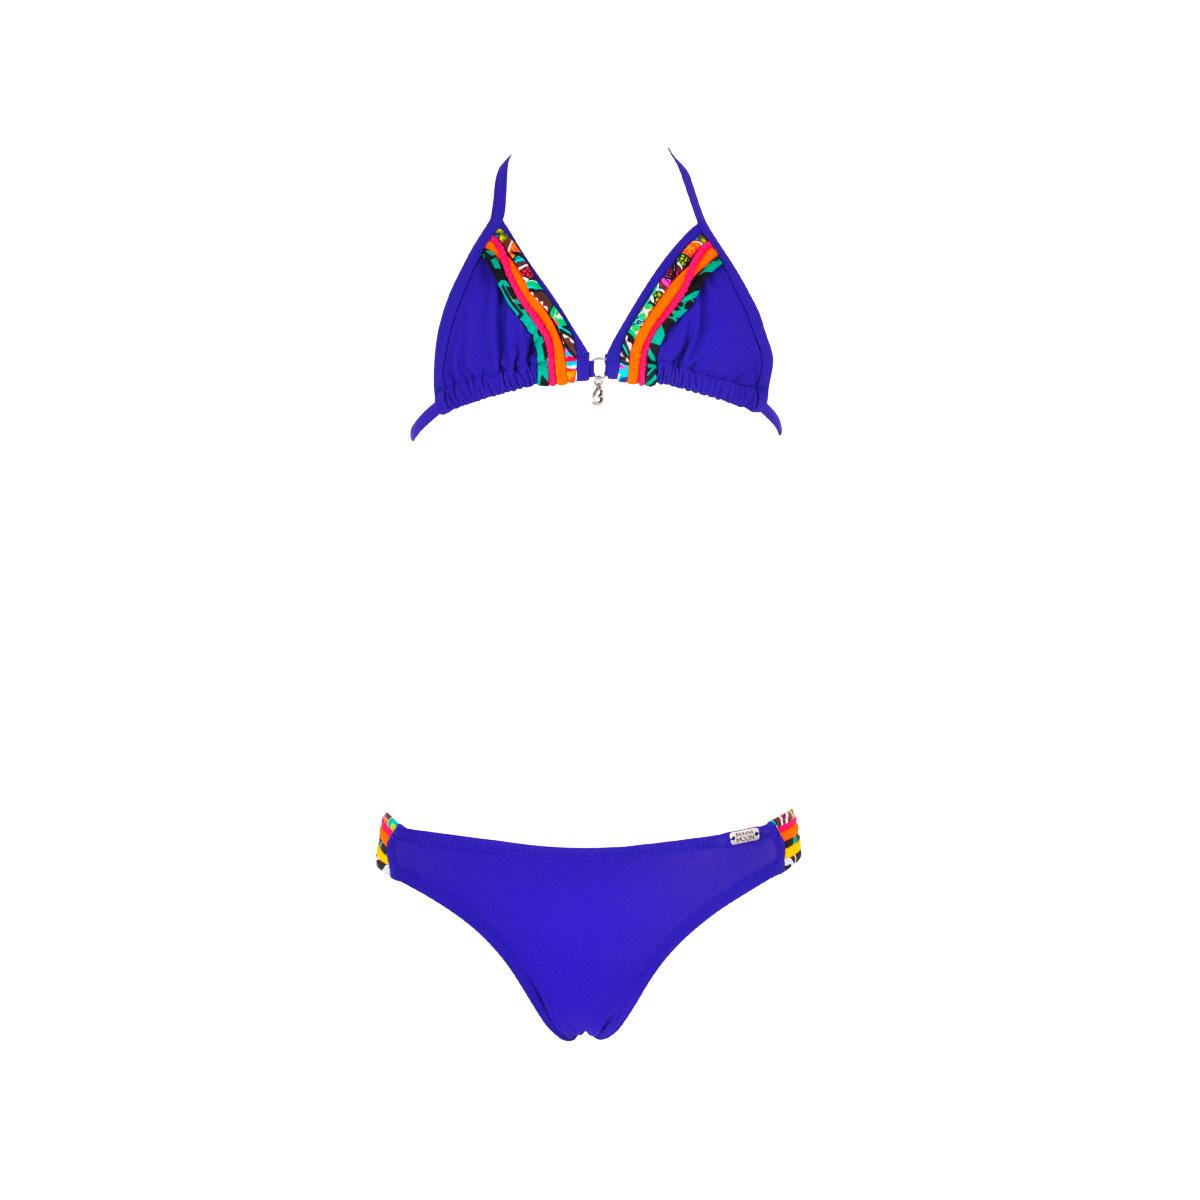 Maillot de bain 2 pièces bleu marine multi-liens Spring